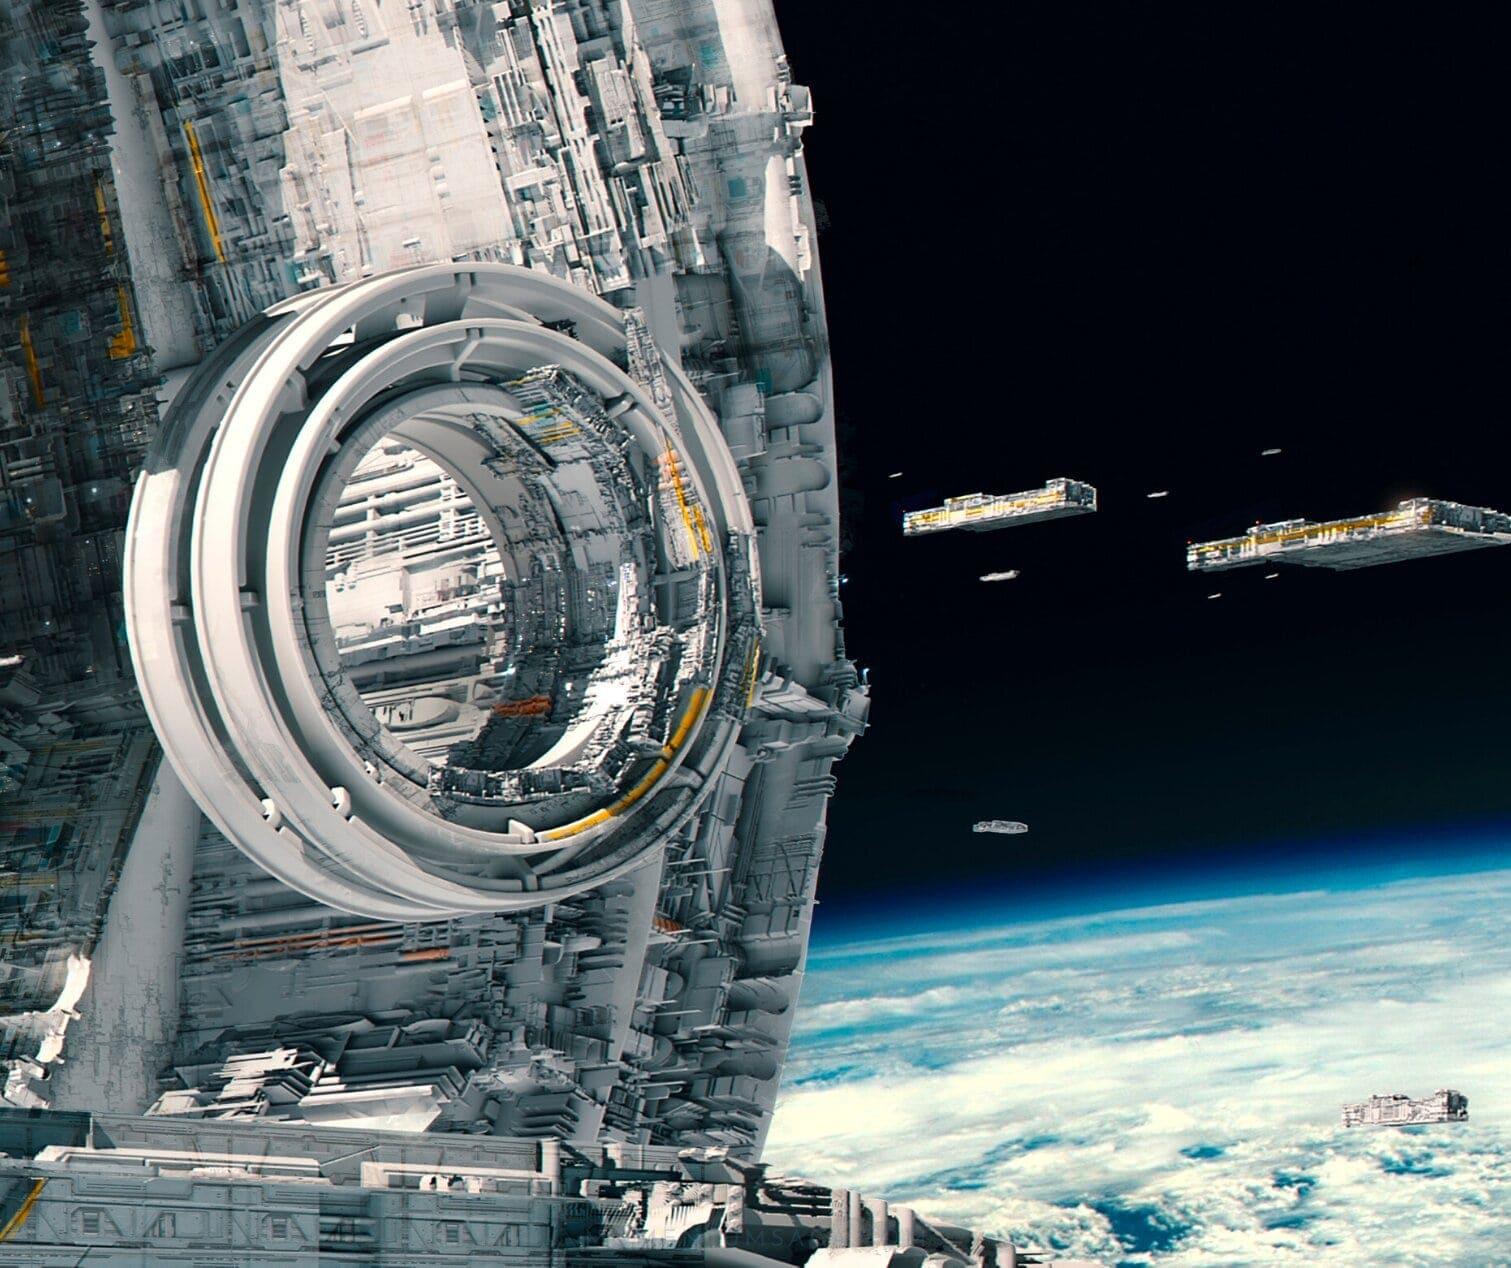 2 motivos que nos impedirão de nos tornarmos uma civilização espacial